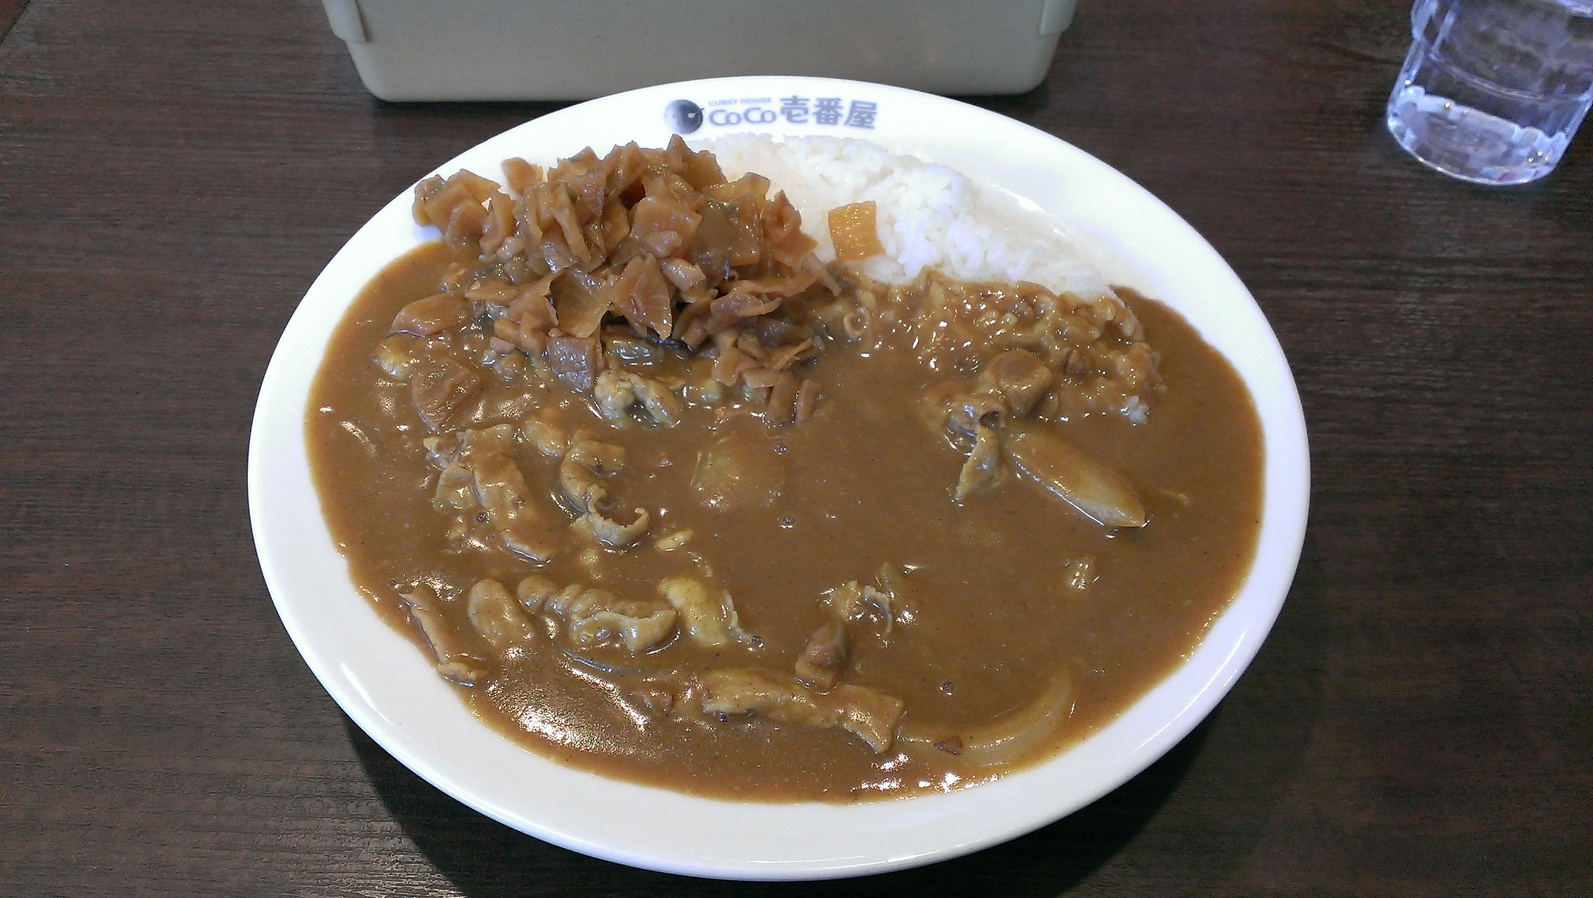 CoCo壱番屋 いわき小名浜店